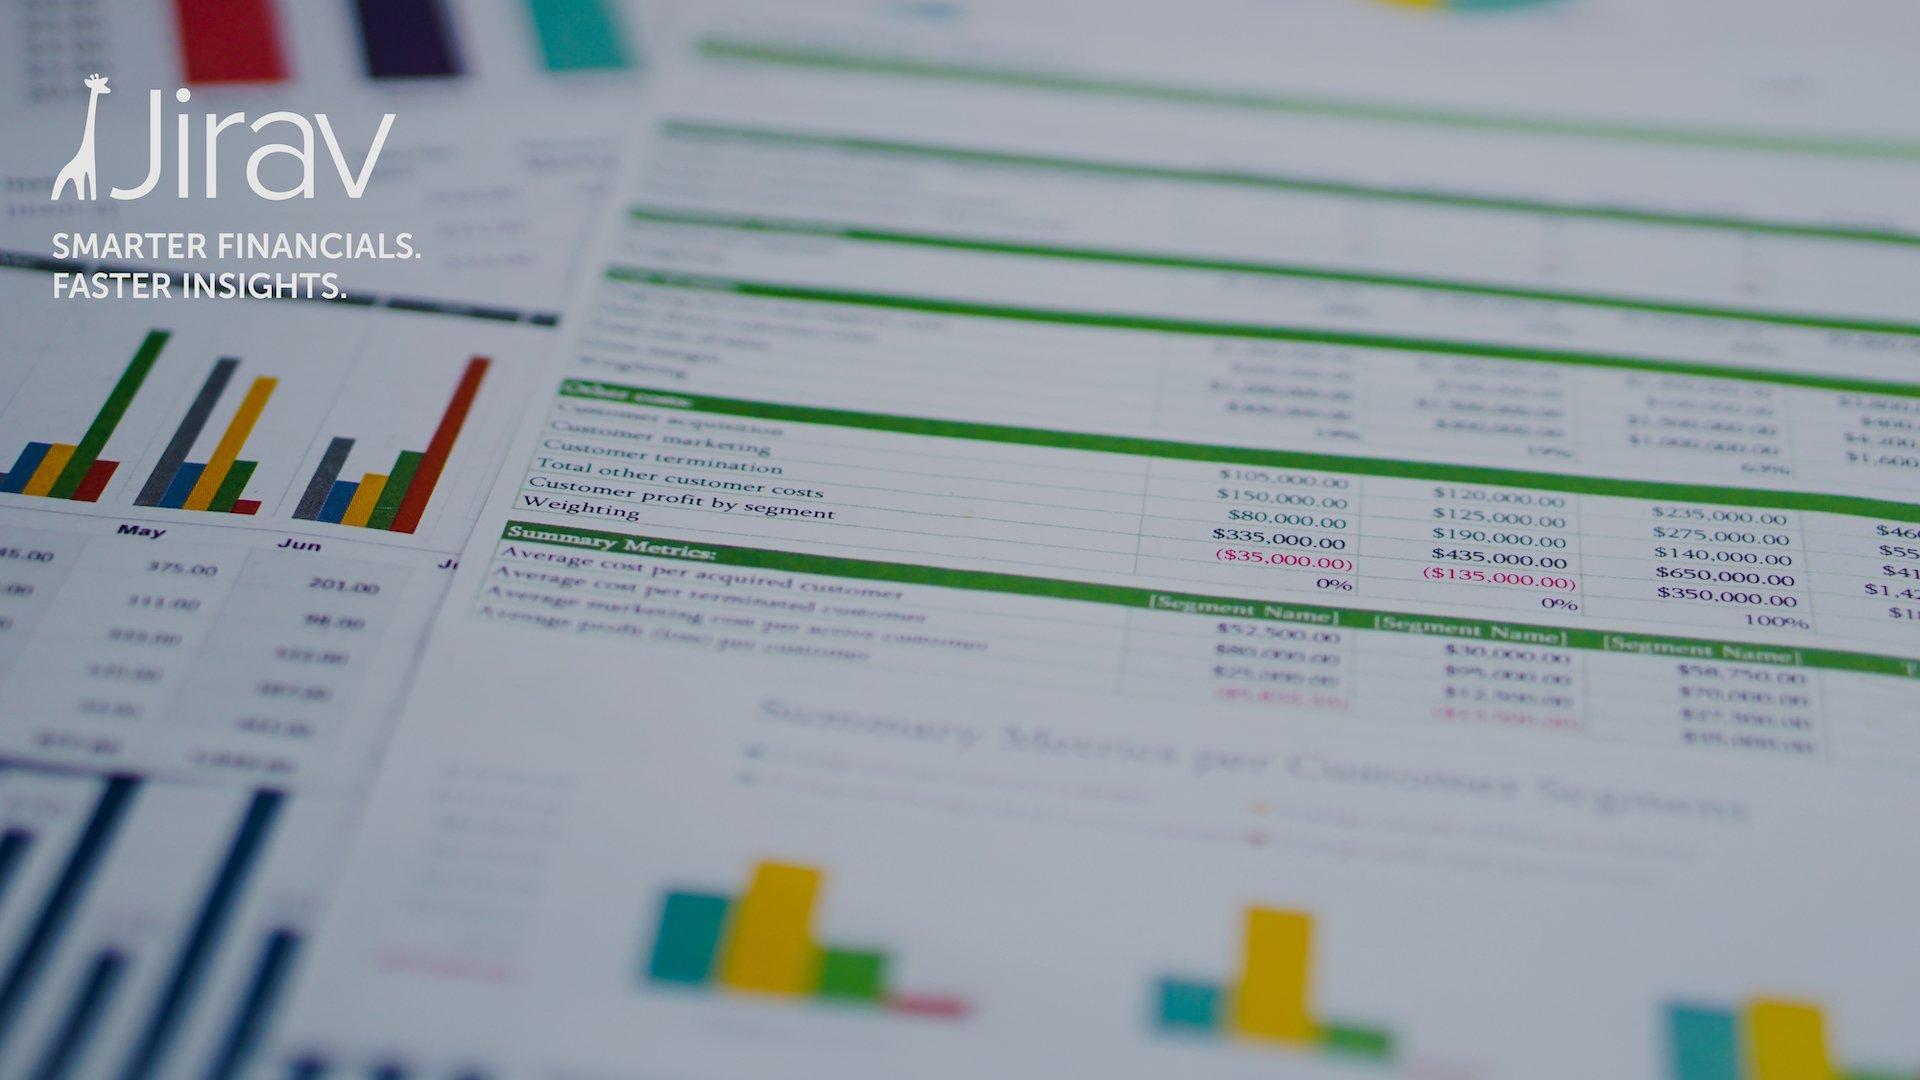 jirav spreadsheet